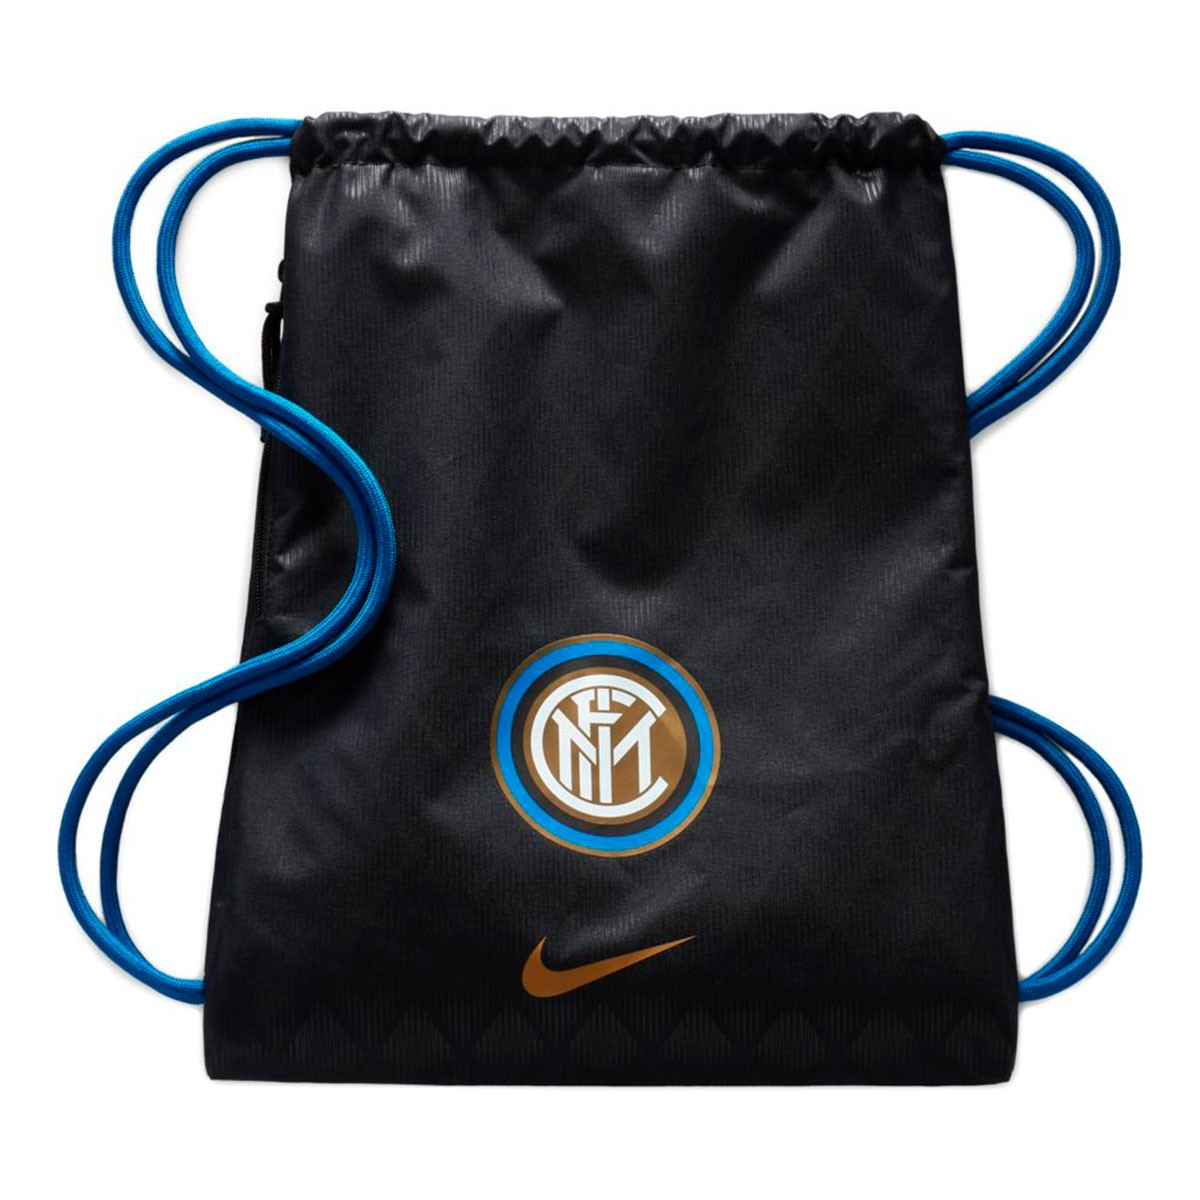 bd2943f55fdc Nike Gym Sack Inter Milan Stadium 2018-2019 Backpack. Black-Game ...